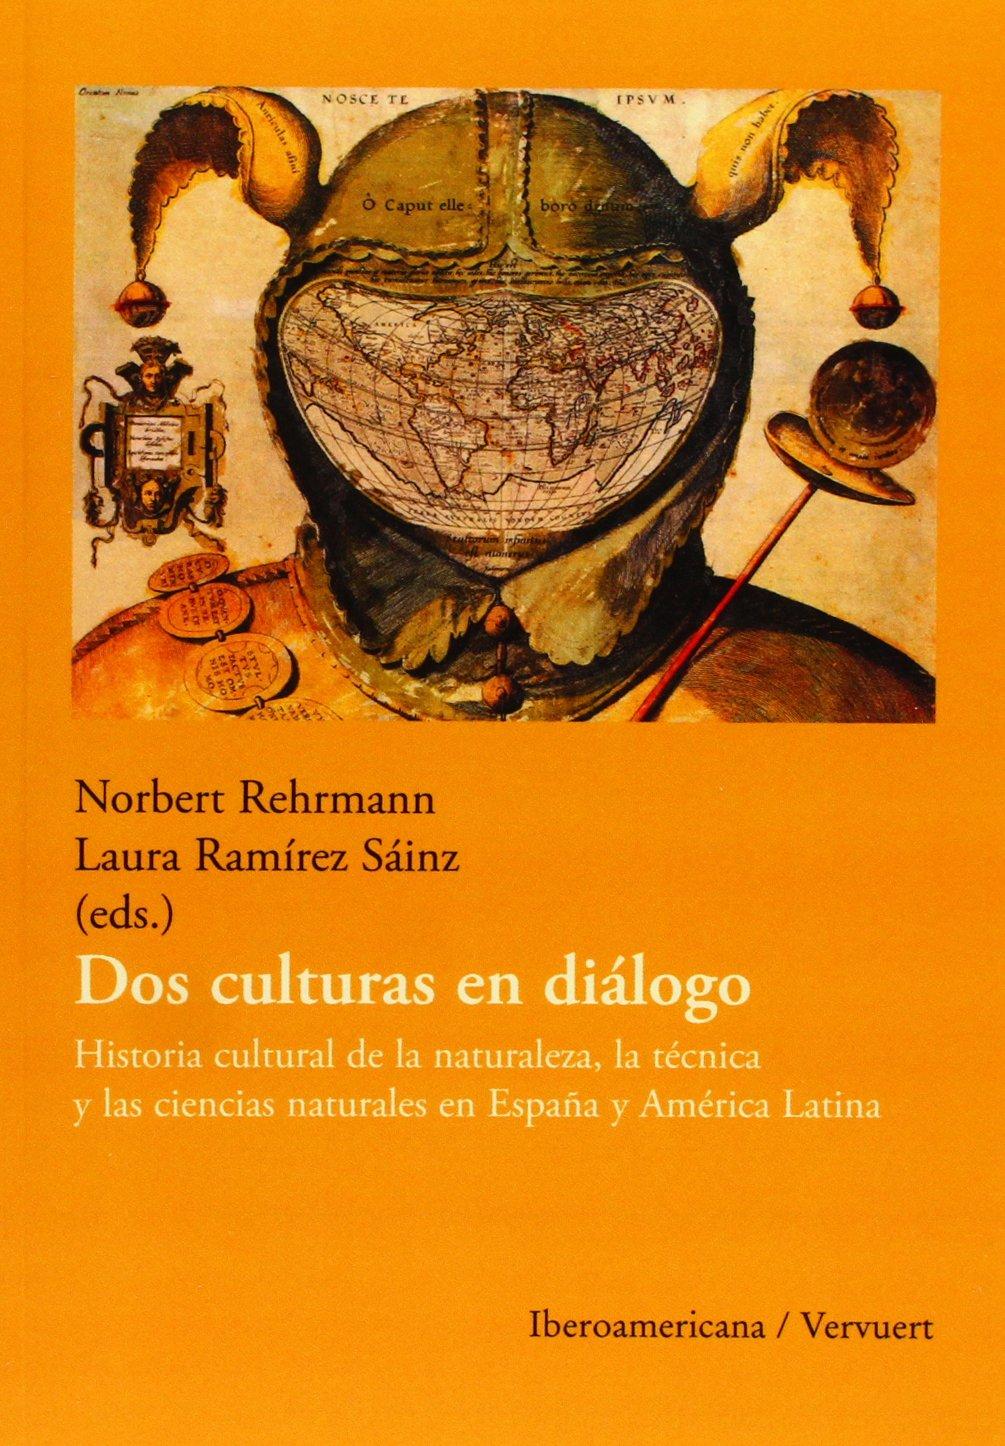 Dos culturas en diálogo.: Historia cultural de la naturaleza, la técnica y las ciencias naturales en España y América Latina.: Amazon.es: Rehrmann, Norbert, Ramírez Sáinz, Laura: Libros